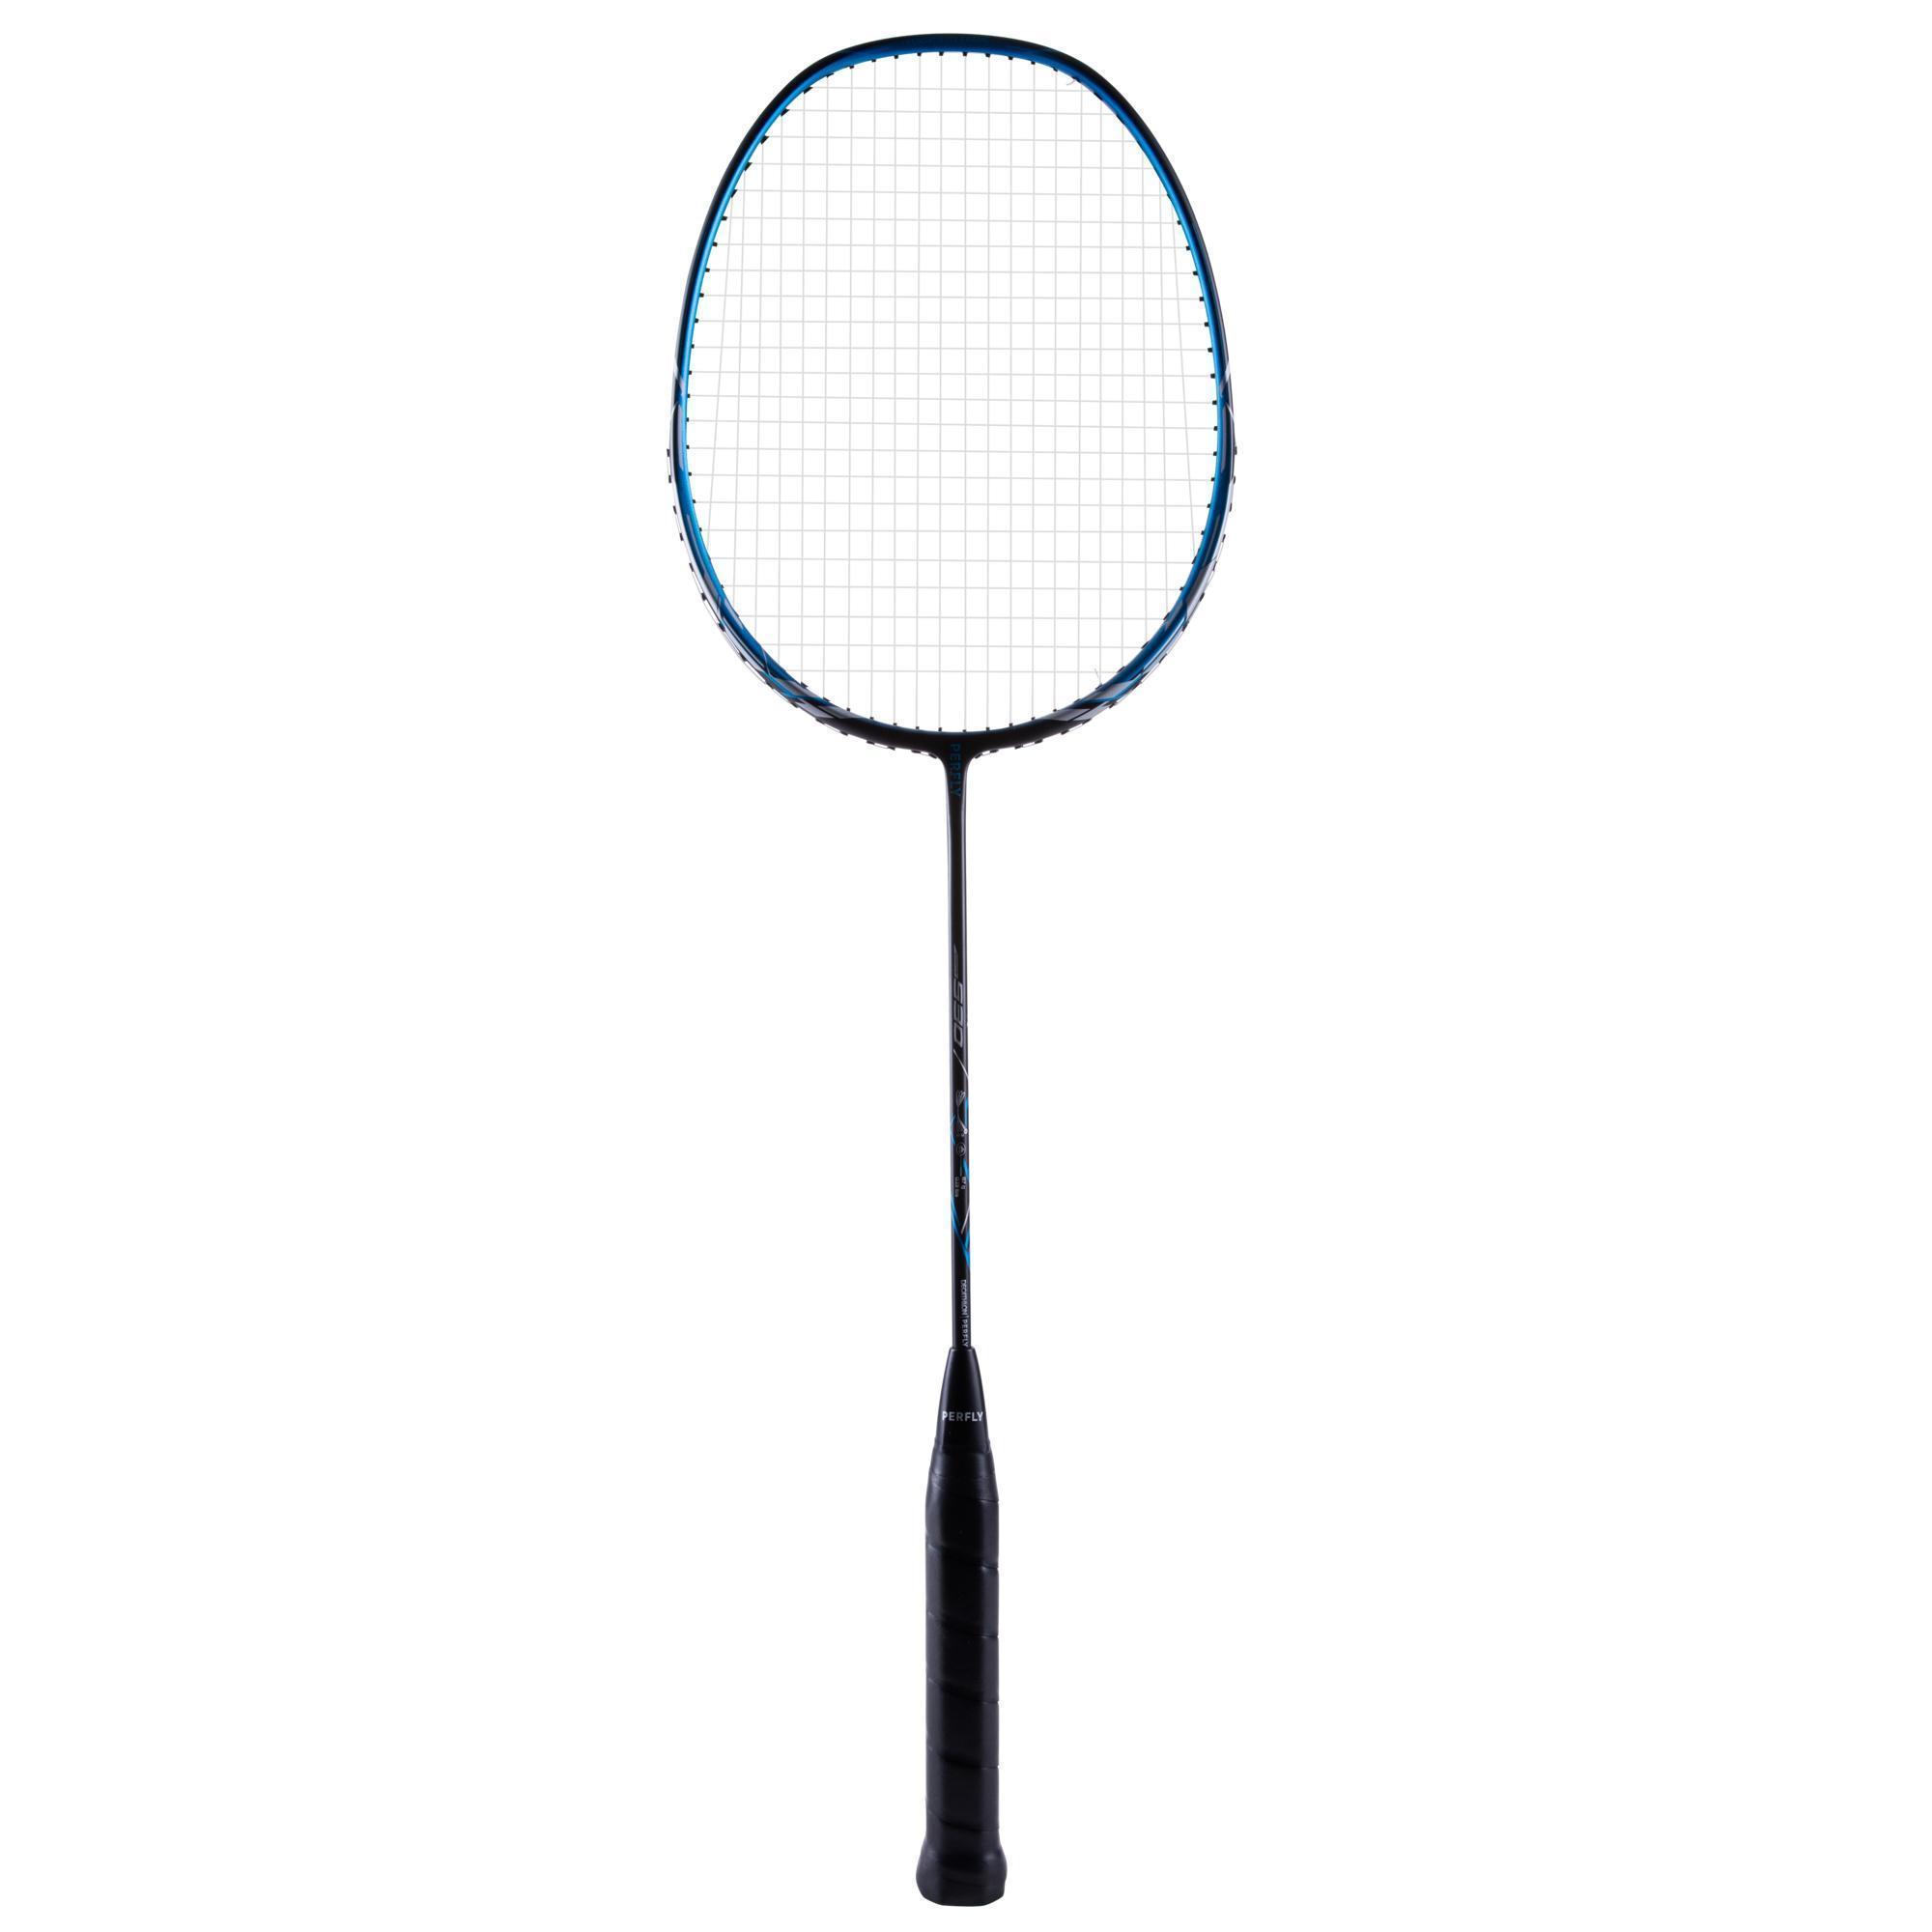 Perfly Badmintonracket BR530 voor volwassenen donkerblauw kopen